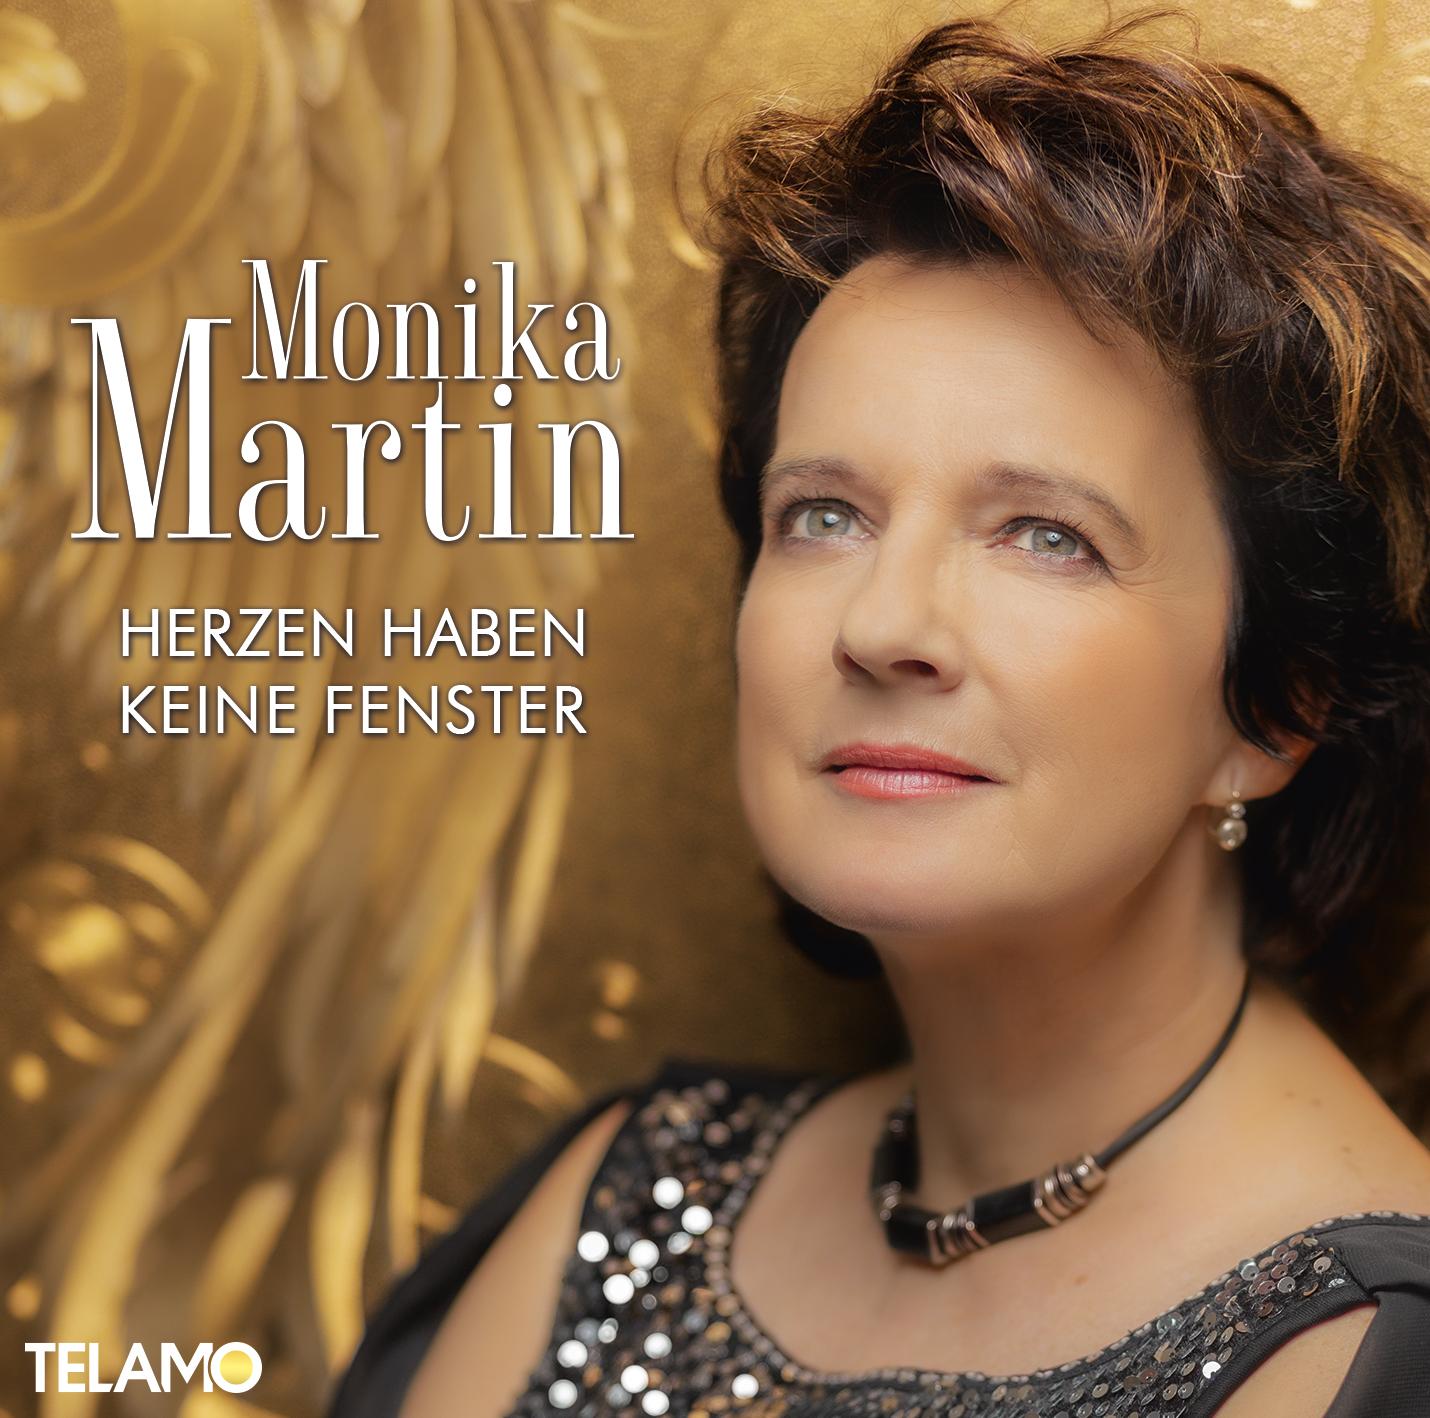 Monika Martin - Herzen haben keine Fenster (2020)